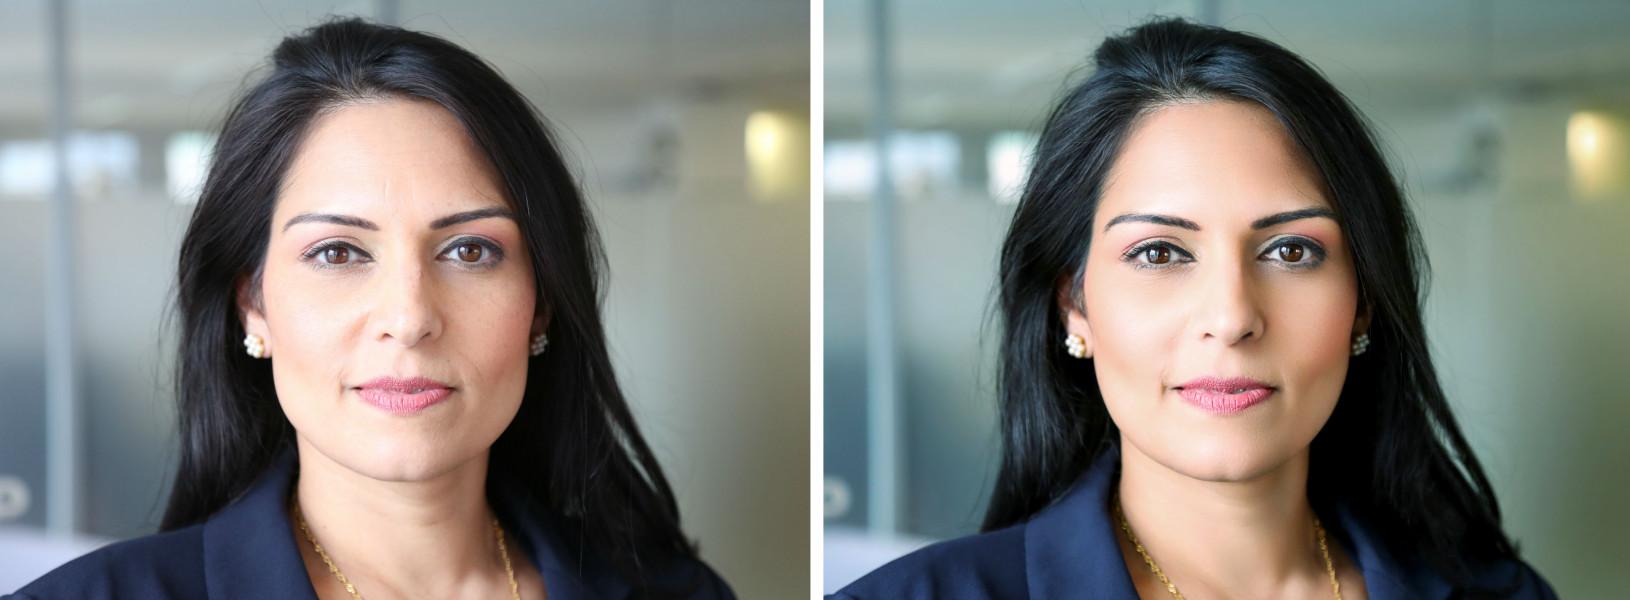 Портретная ретушь (до и после обработки)